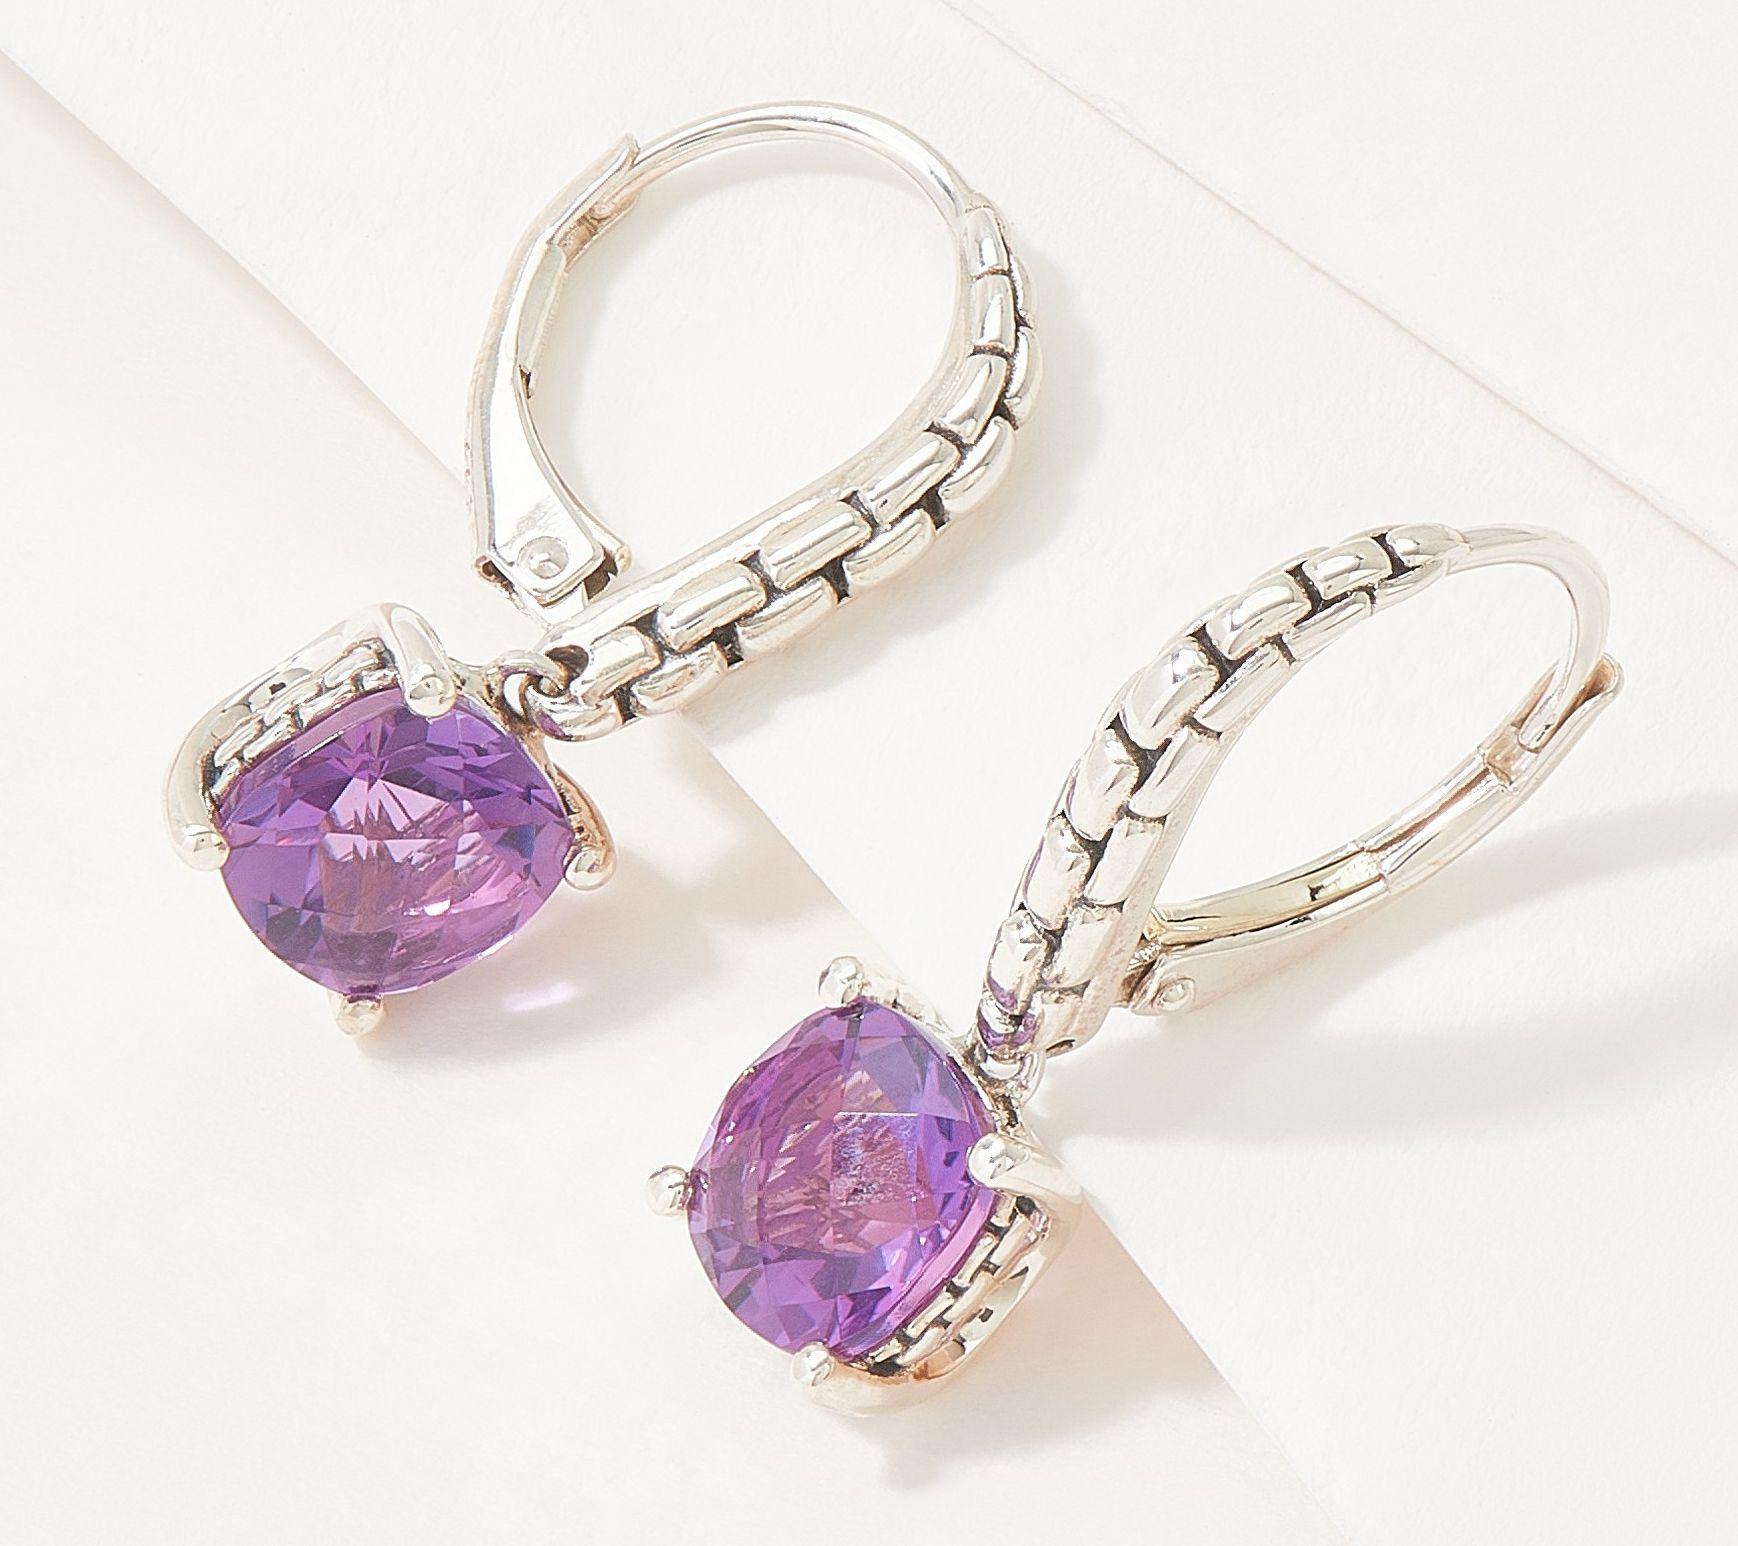 Descopera ultimele stiri legate de bijuterii, verighete | Wall-Street